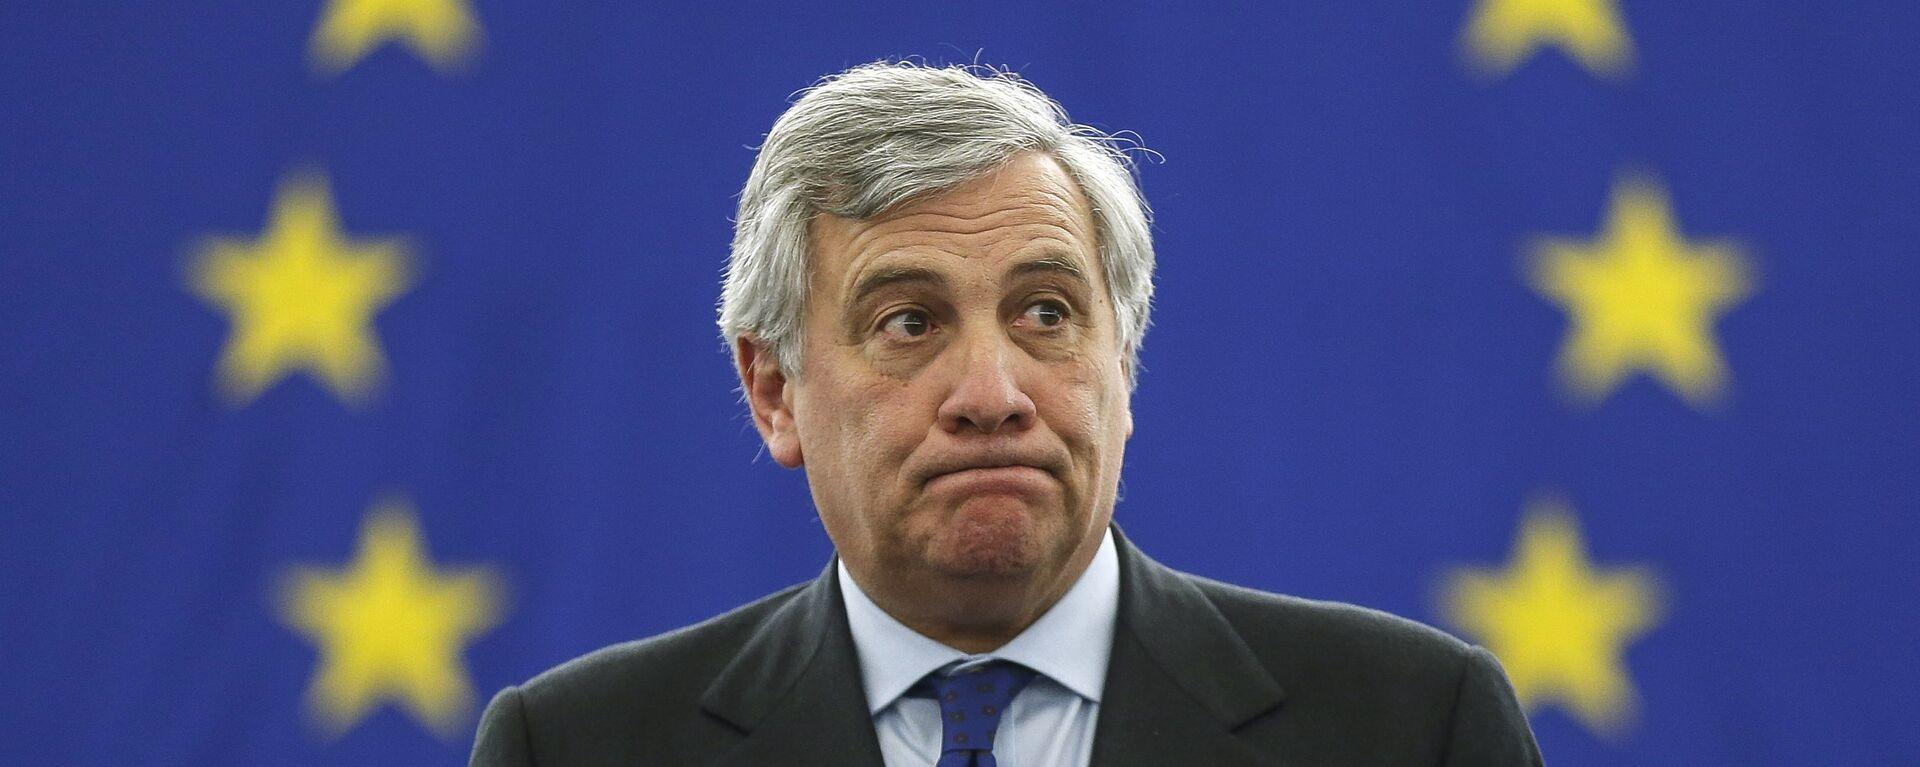 Antonio Tajani - Sputnik Italia, 1920, 08.09.2021